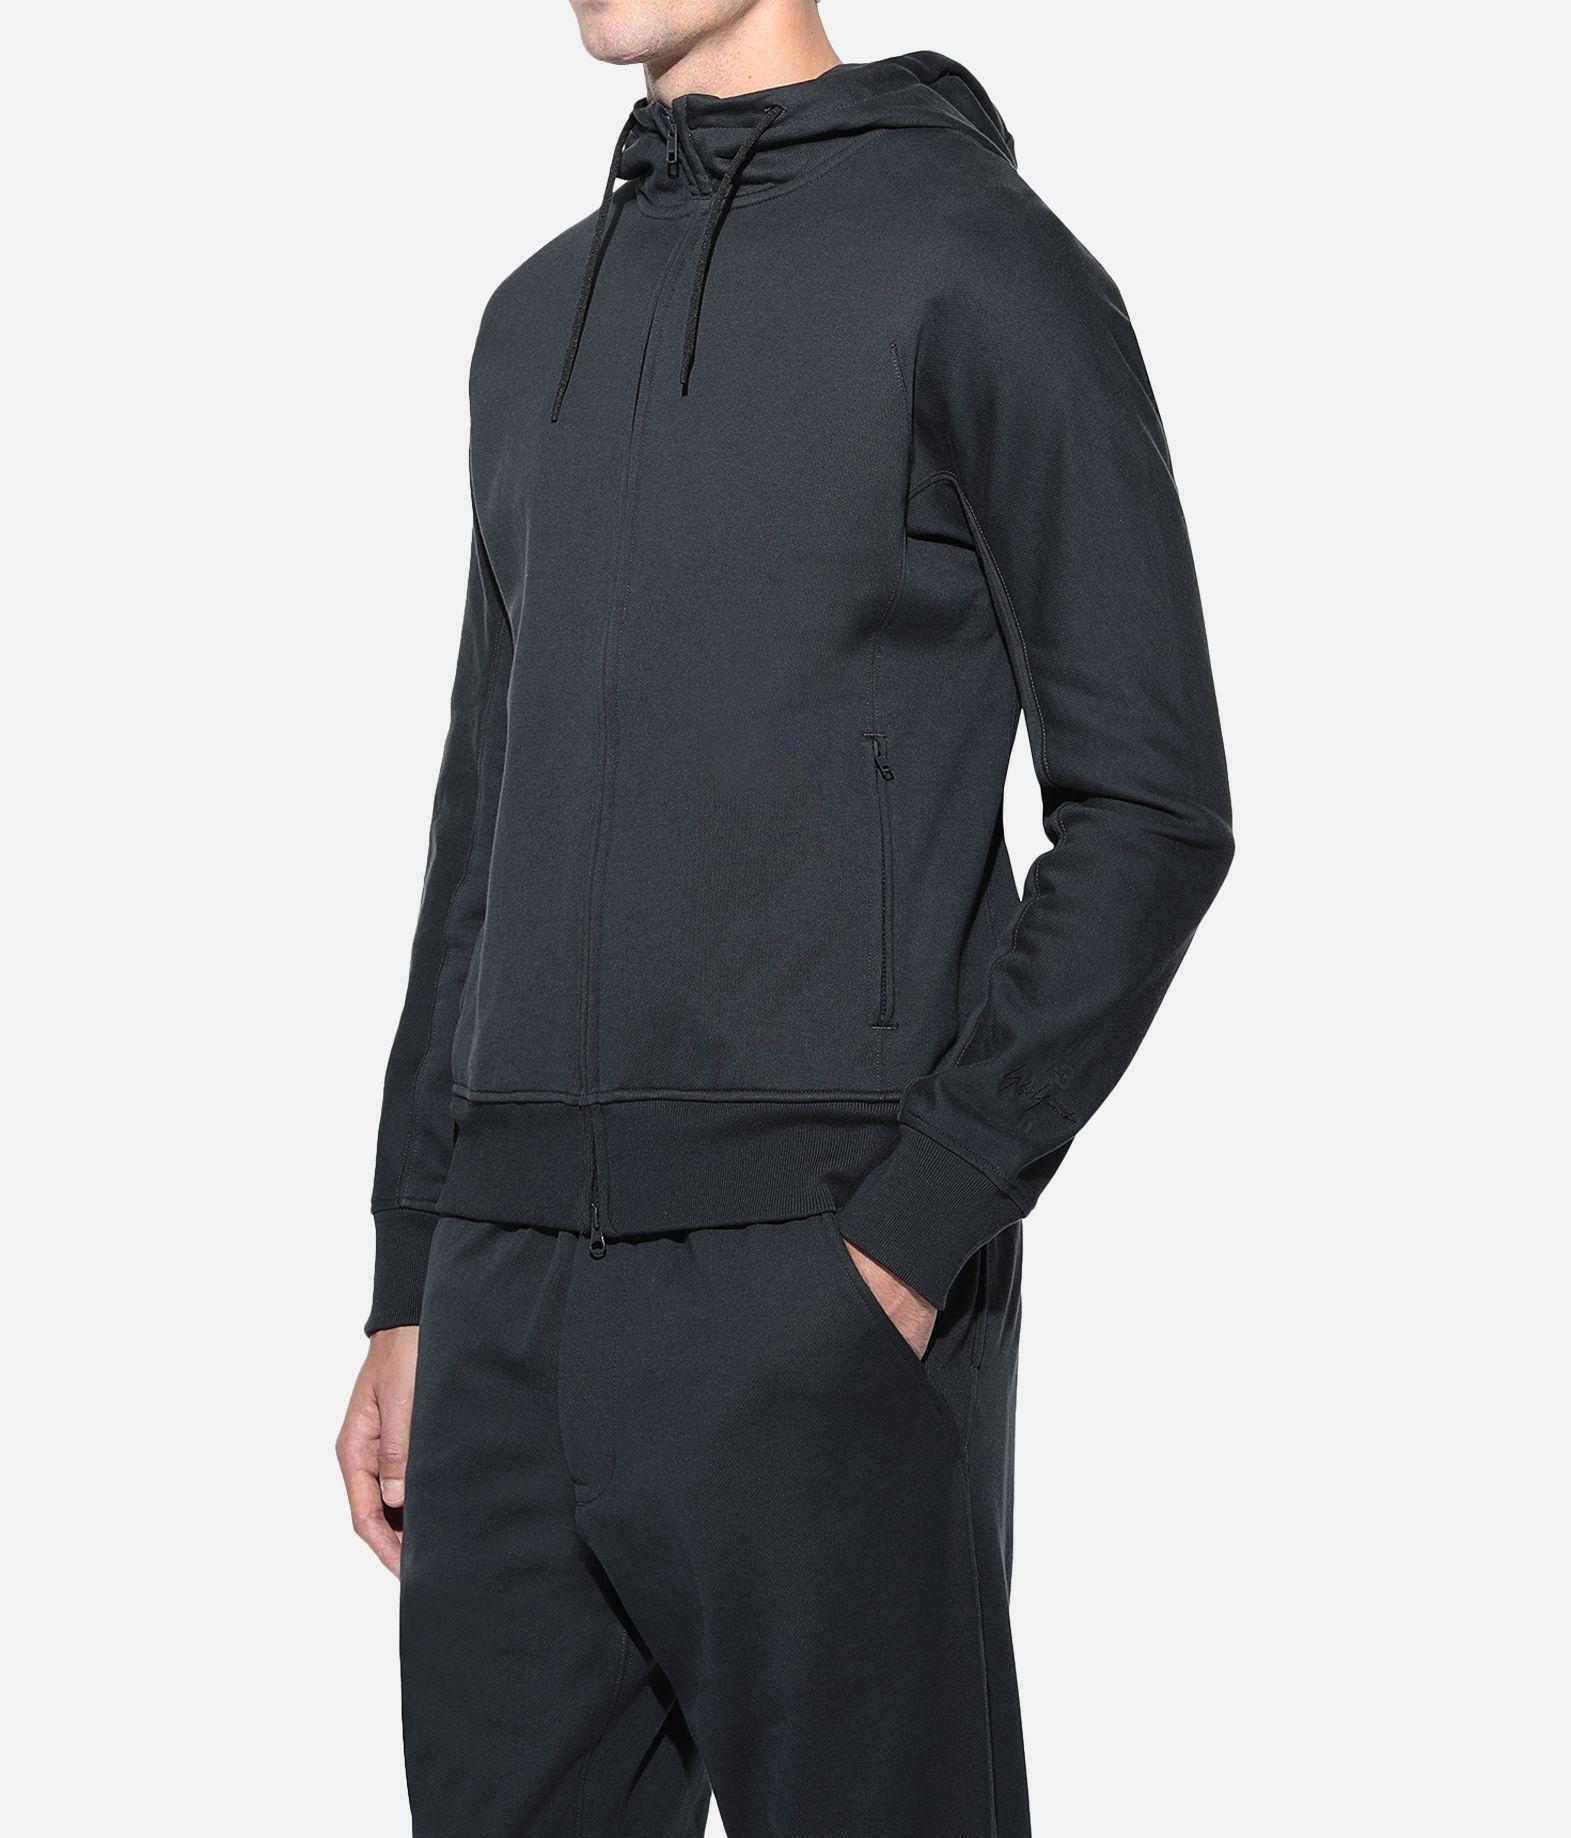 Y-3 Y-3 Classic Hoodie Hooded sweatshirt Man e